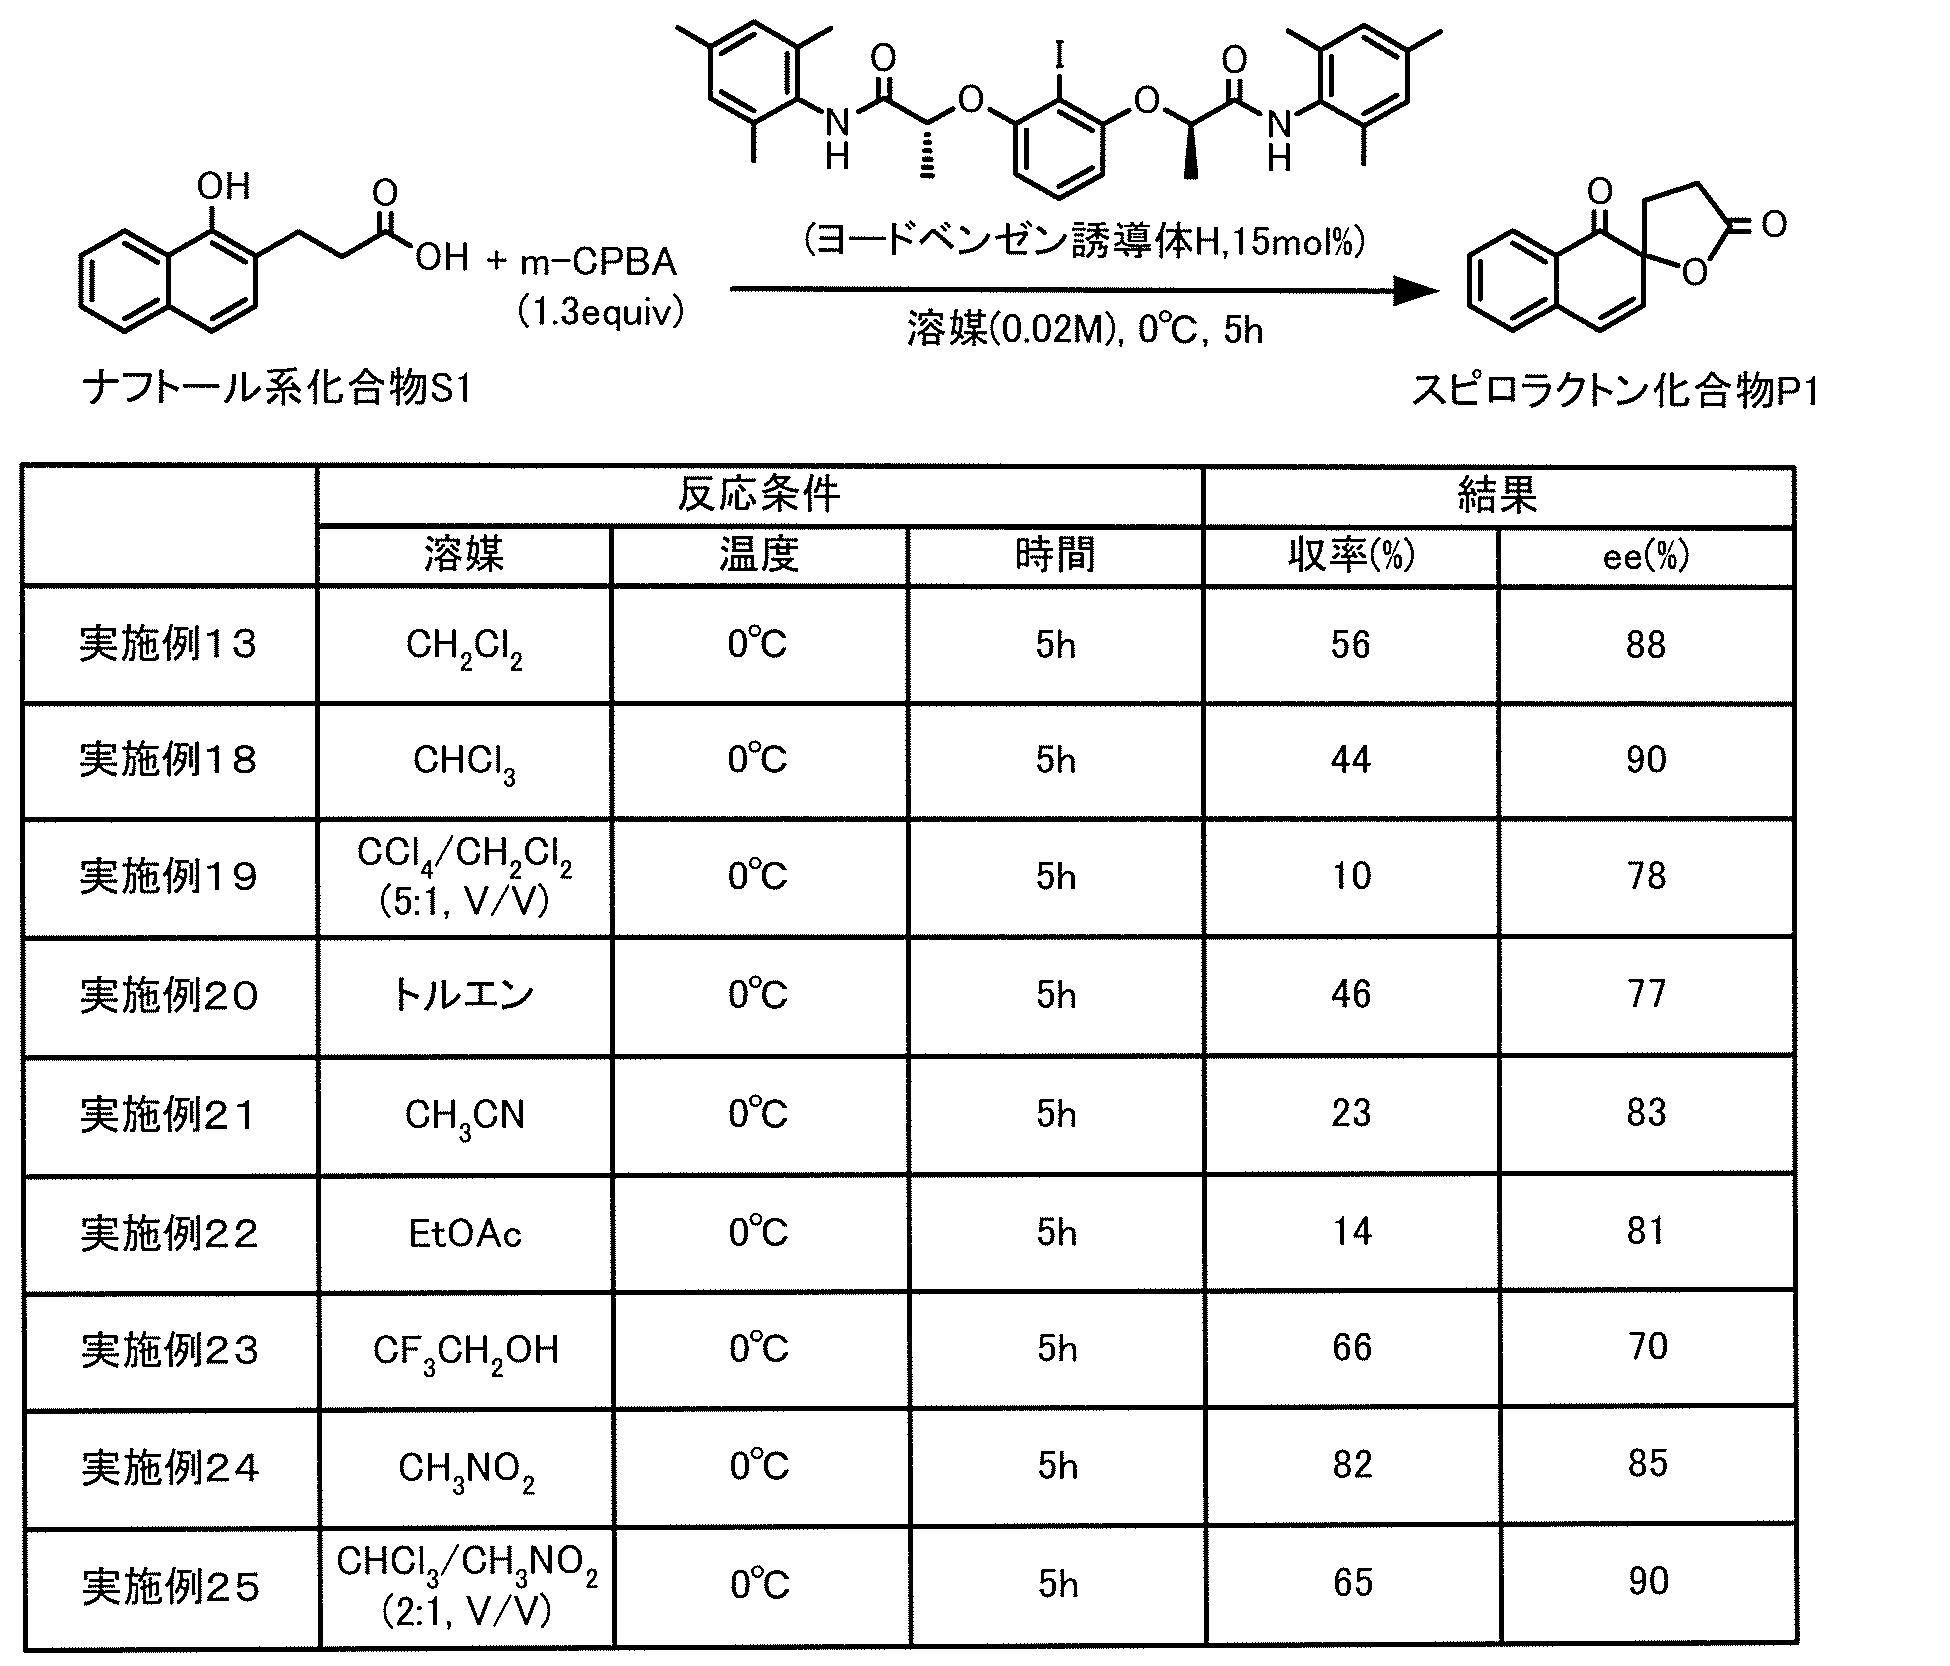 WO2011052388A1 - ヨードベンゼン誘導体及びそれを用いた光学活性スピロラクトン化合物の製法          - Google PatentsFamily